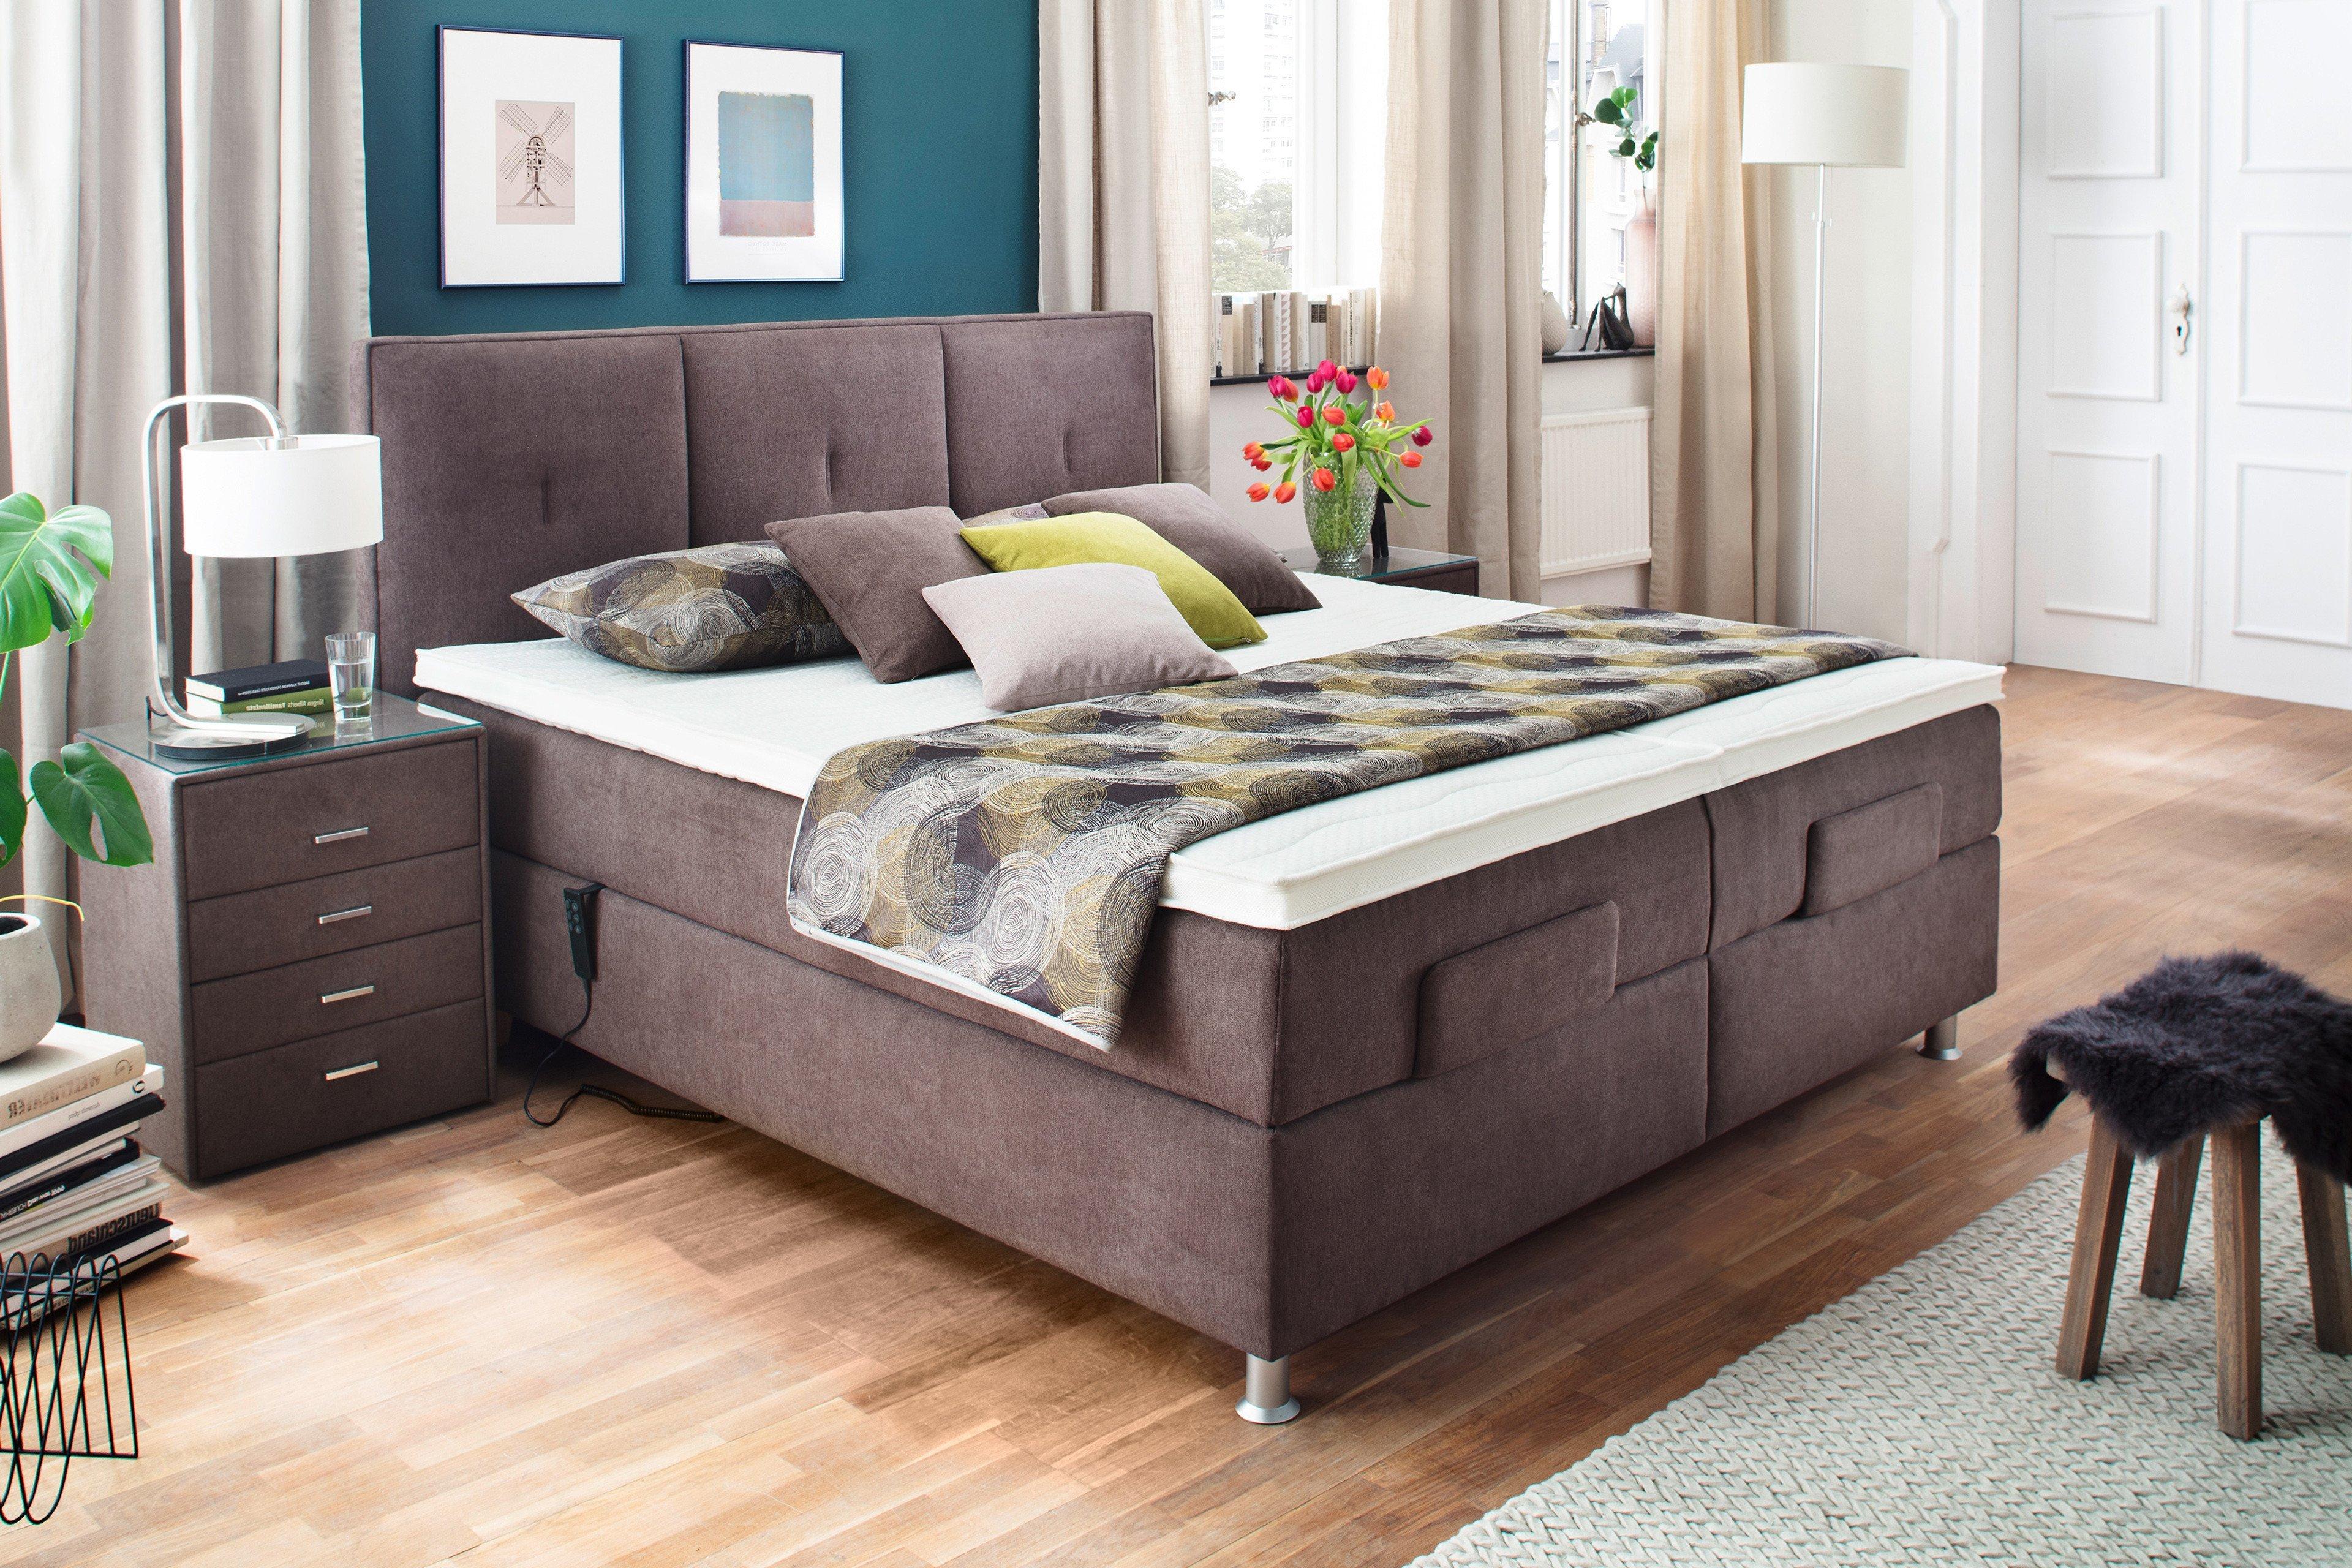 entsorgung bettdecken und kissen breuninger bettw sche deko schlafzimmer lila ikea pax. Black Bedroom Furniture Sets. Home Design Ideas